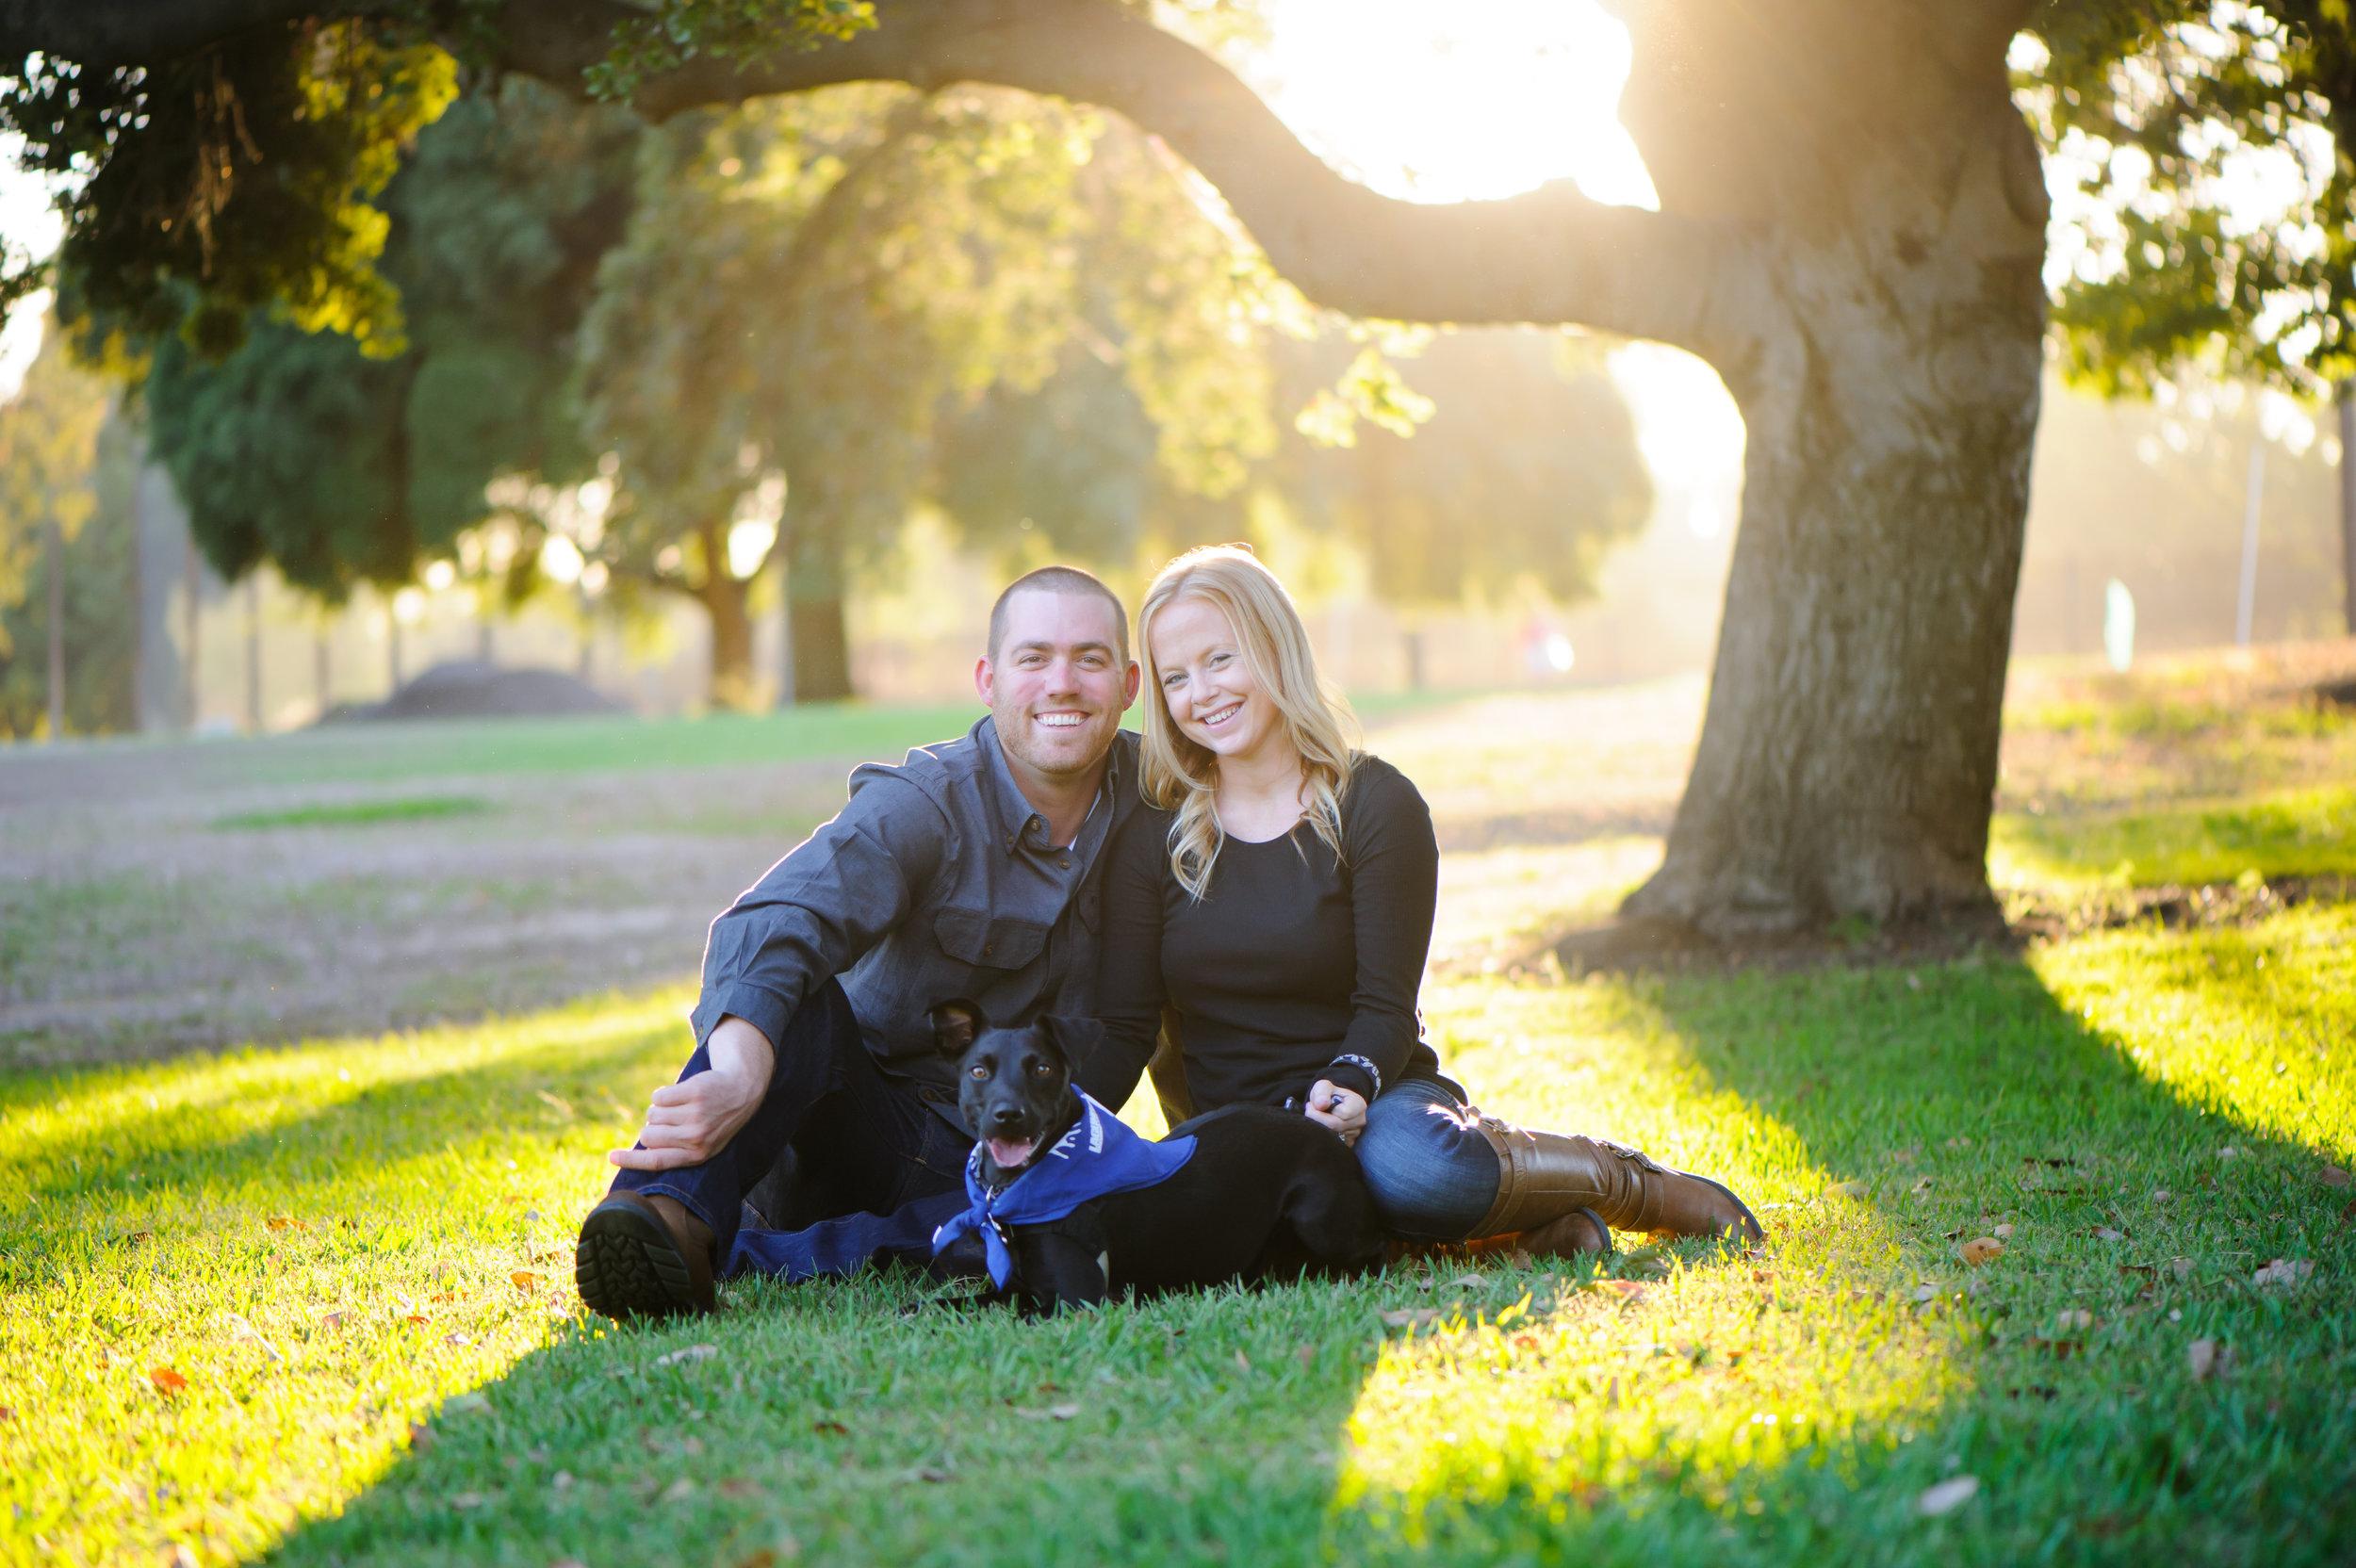 jenelle-brian-002-sacramento-engagement-wedding-photographer-katherine-nicole-photography.JPG